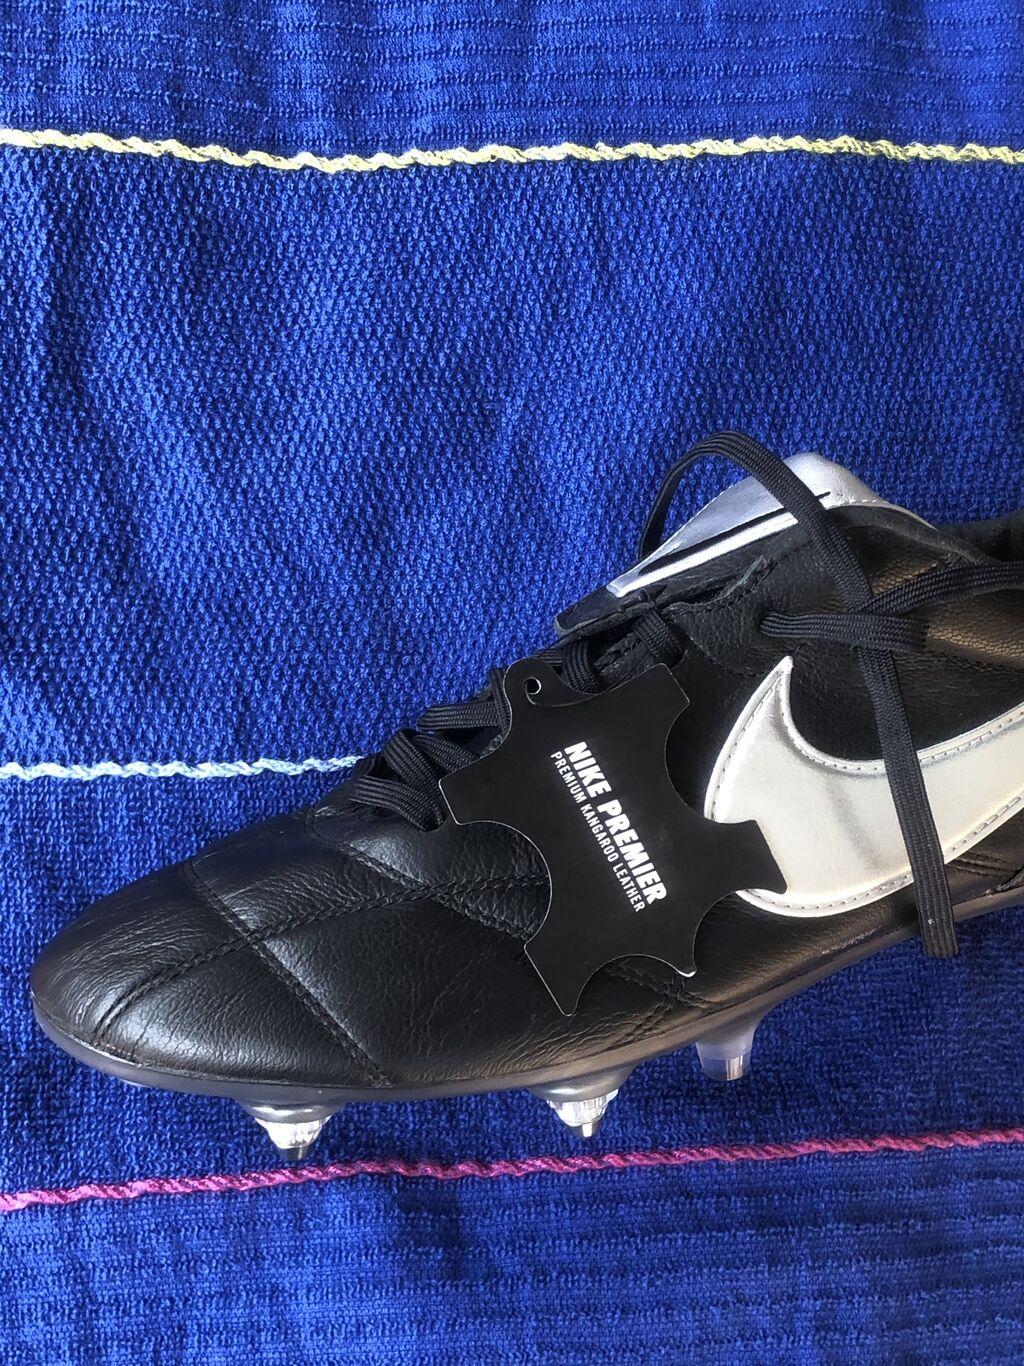 Новые Nike Tiempo бутсы Оригинал.43 размер. Для натурального газона с: Новые Nike Tiempo бутсы Оригинал.43 размер. Для натурального газона с